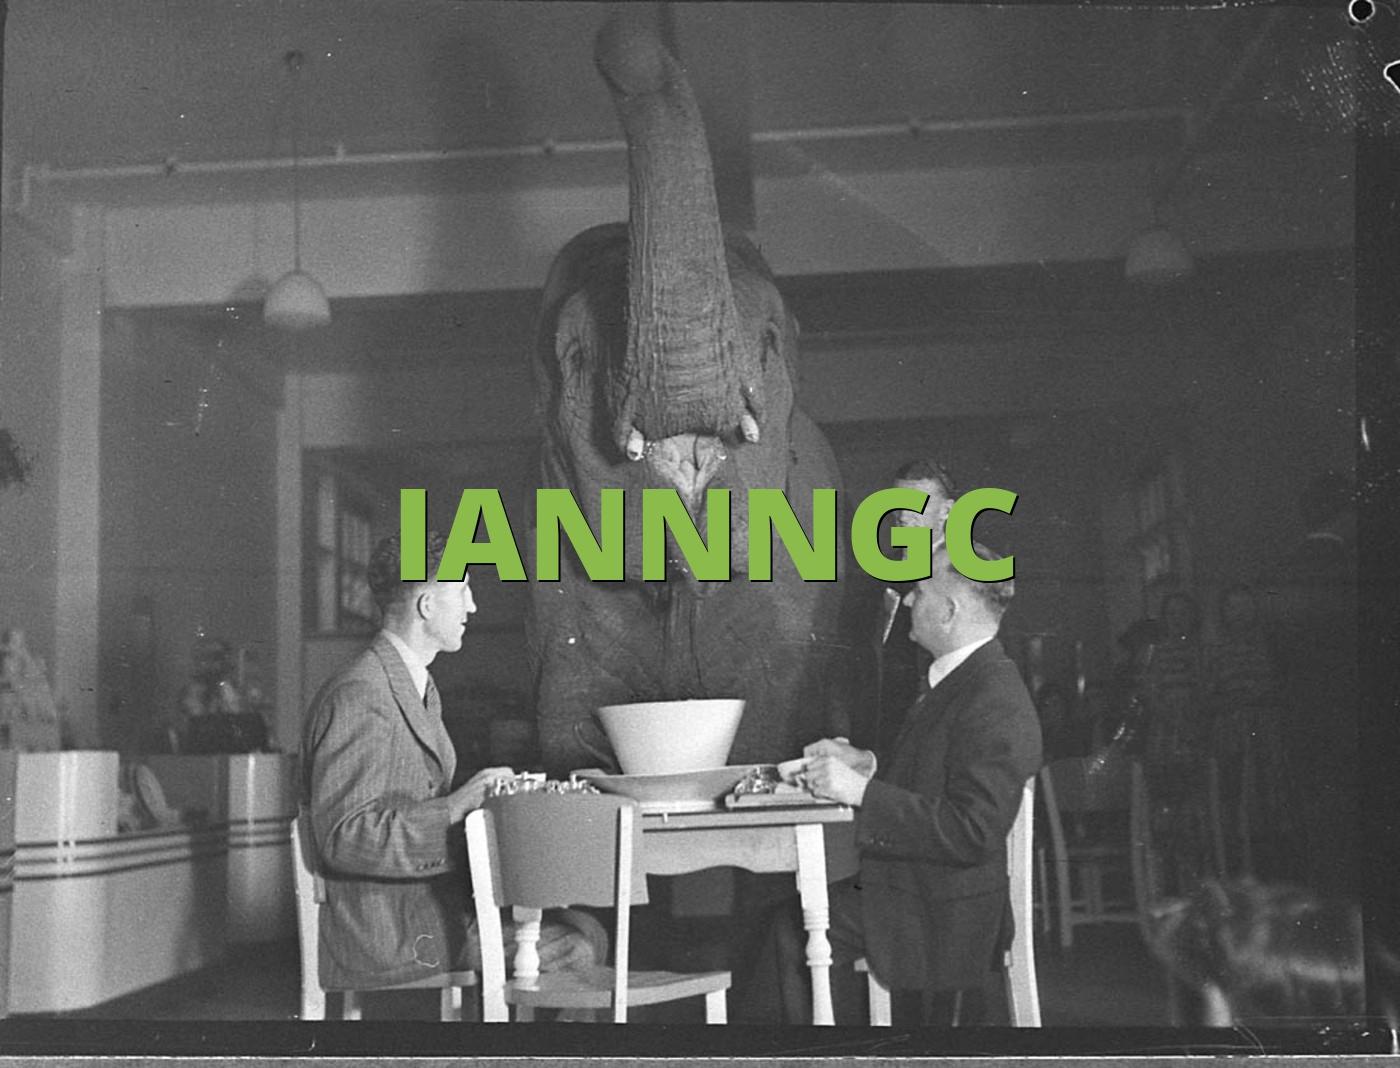 IANNNGC